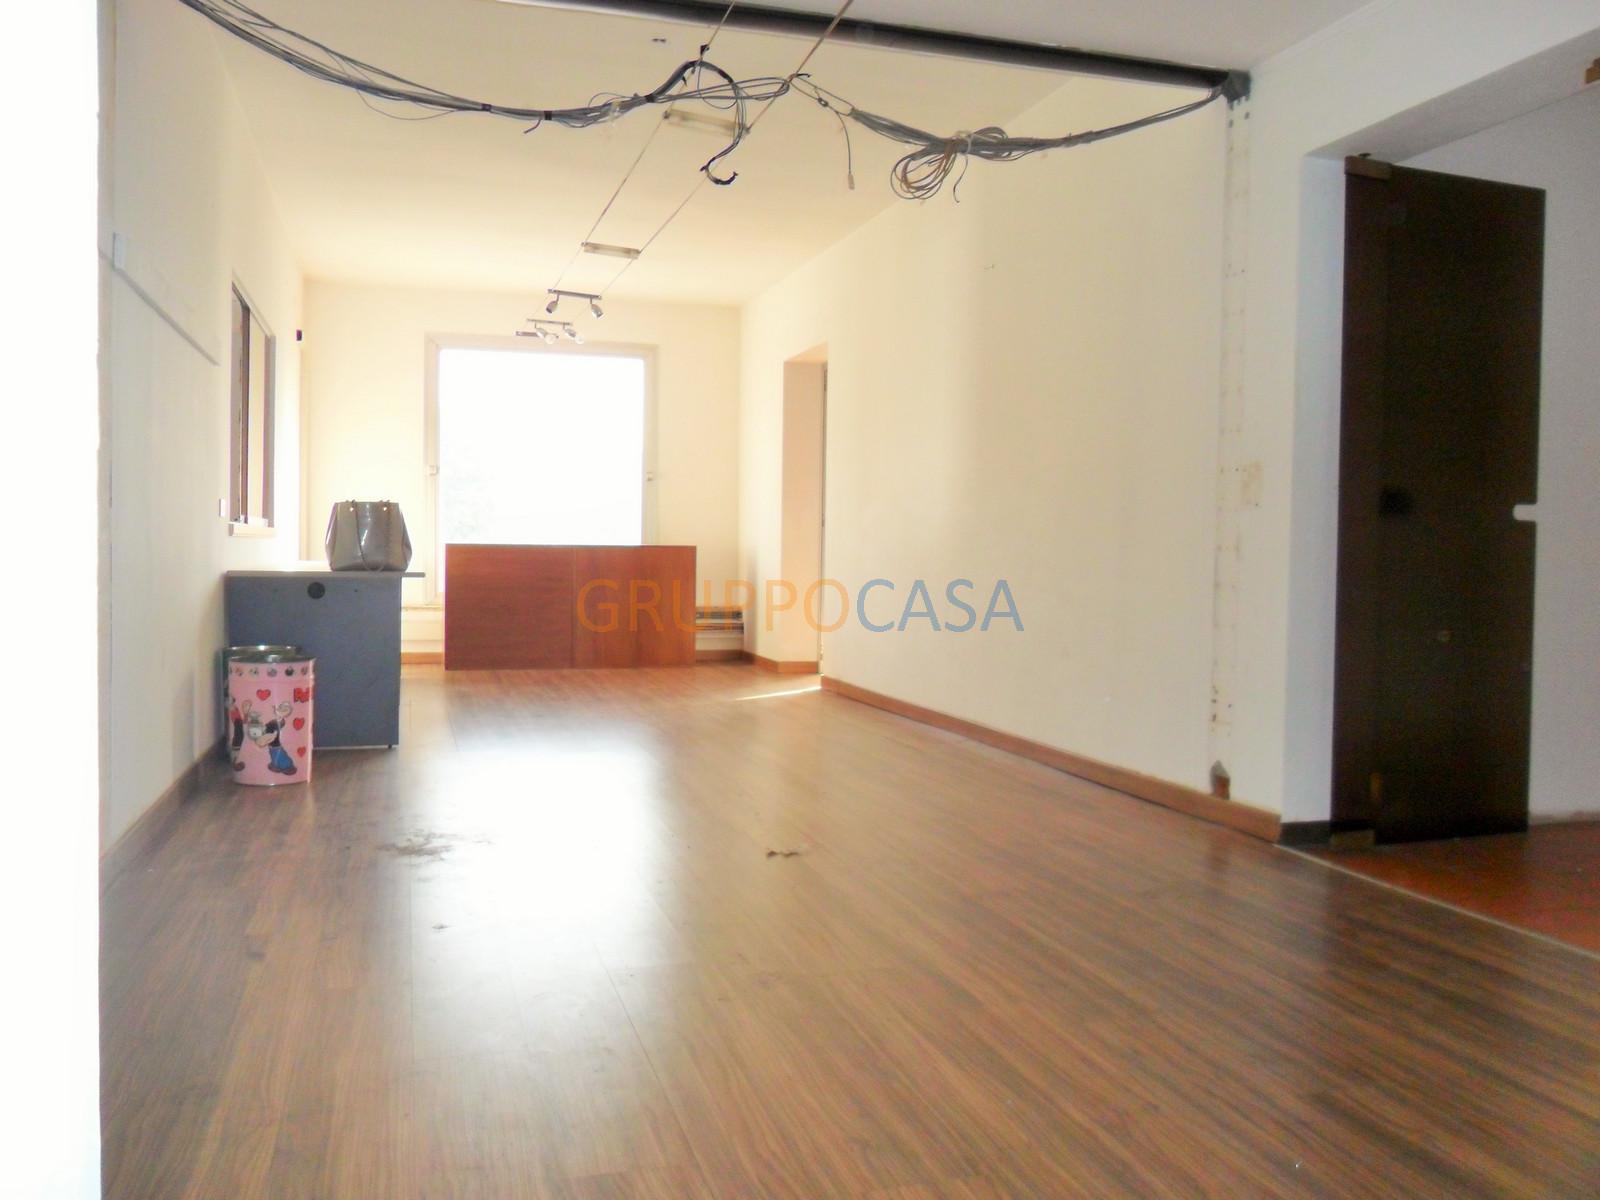 Ufficio / Studio in affitto a Uzzano, 9999 locali, zona Località: S.aLucia, prezzo € 950 | Cambio Casa.it